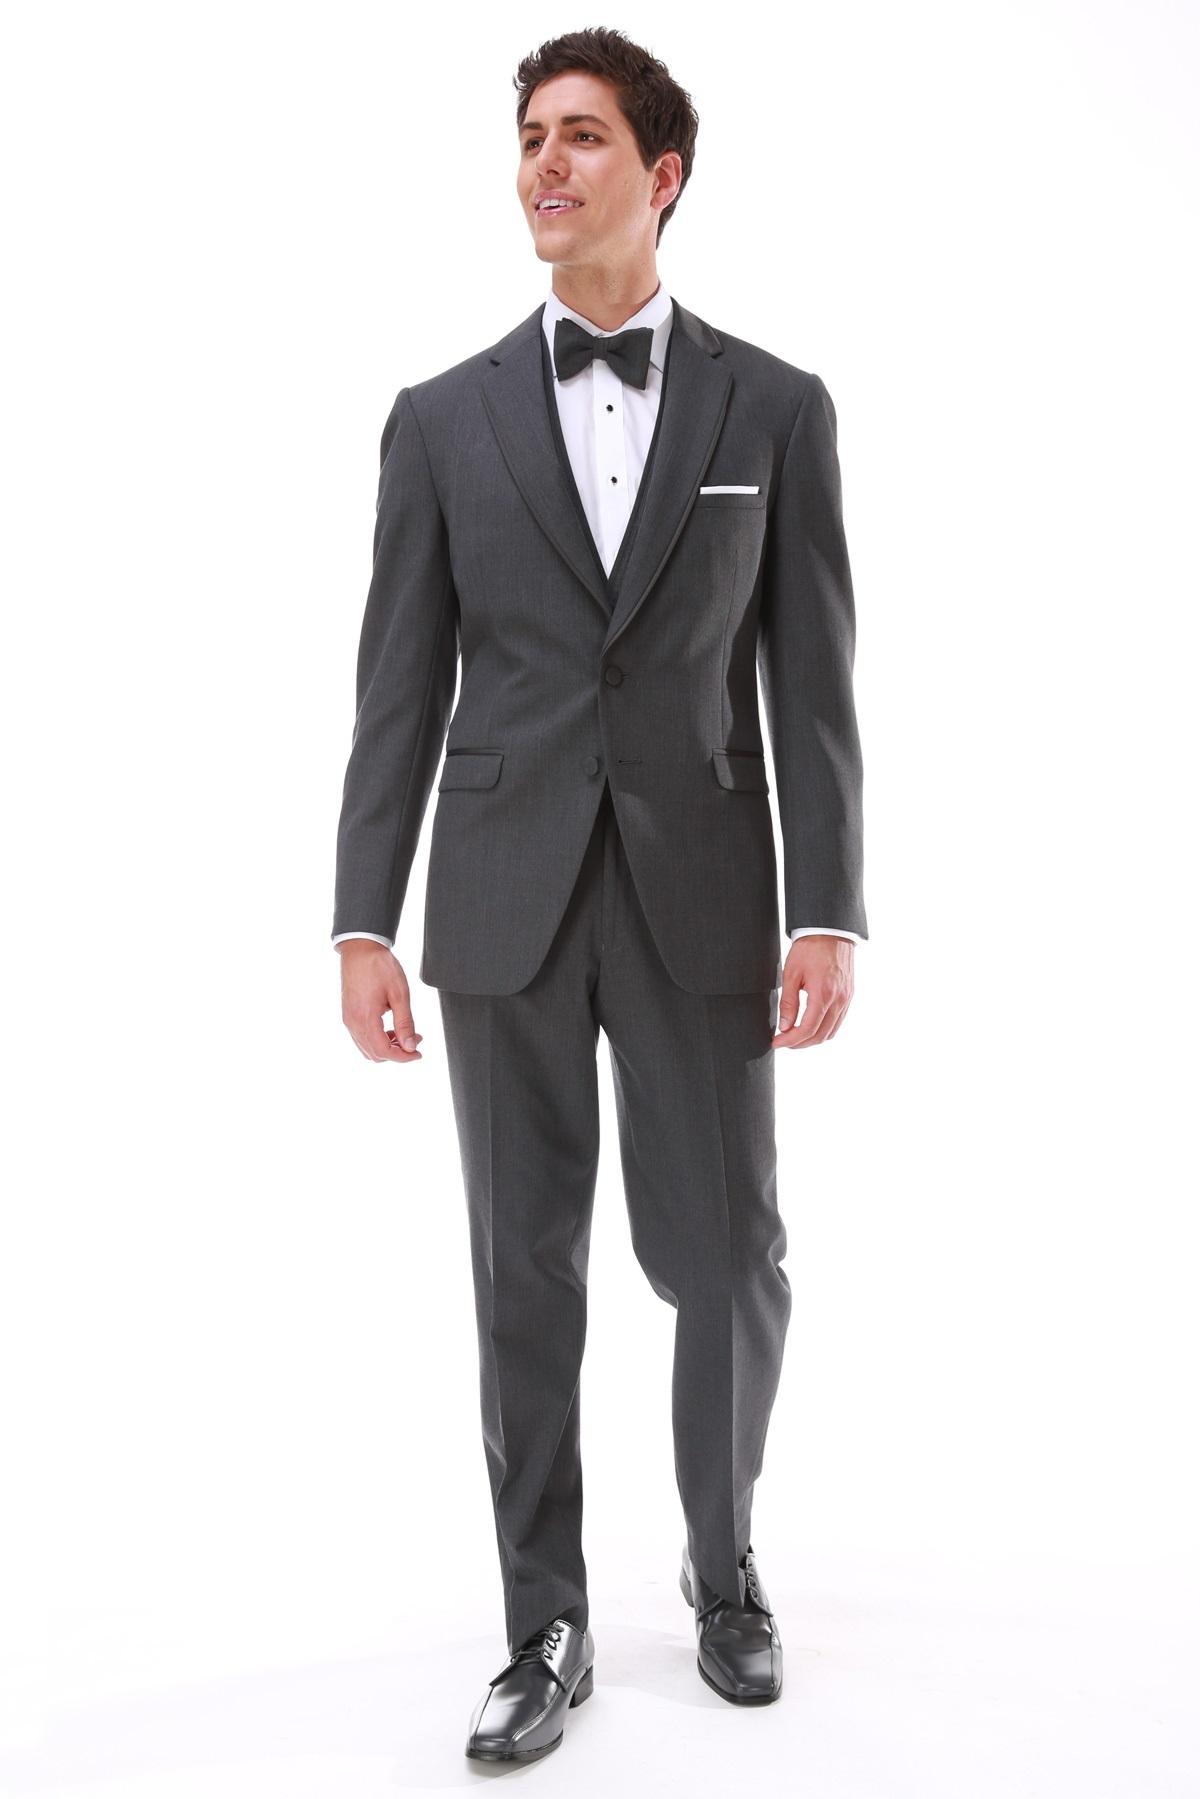 MFWtux.com - Grey Steel Allure Men Wedding Suit